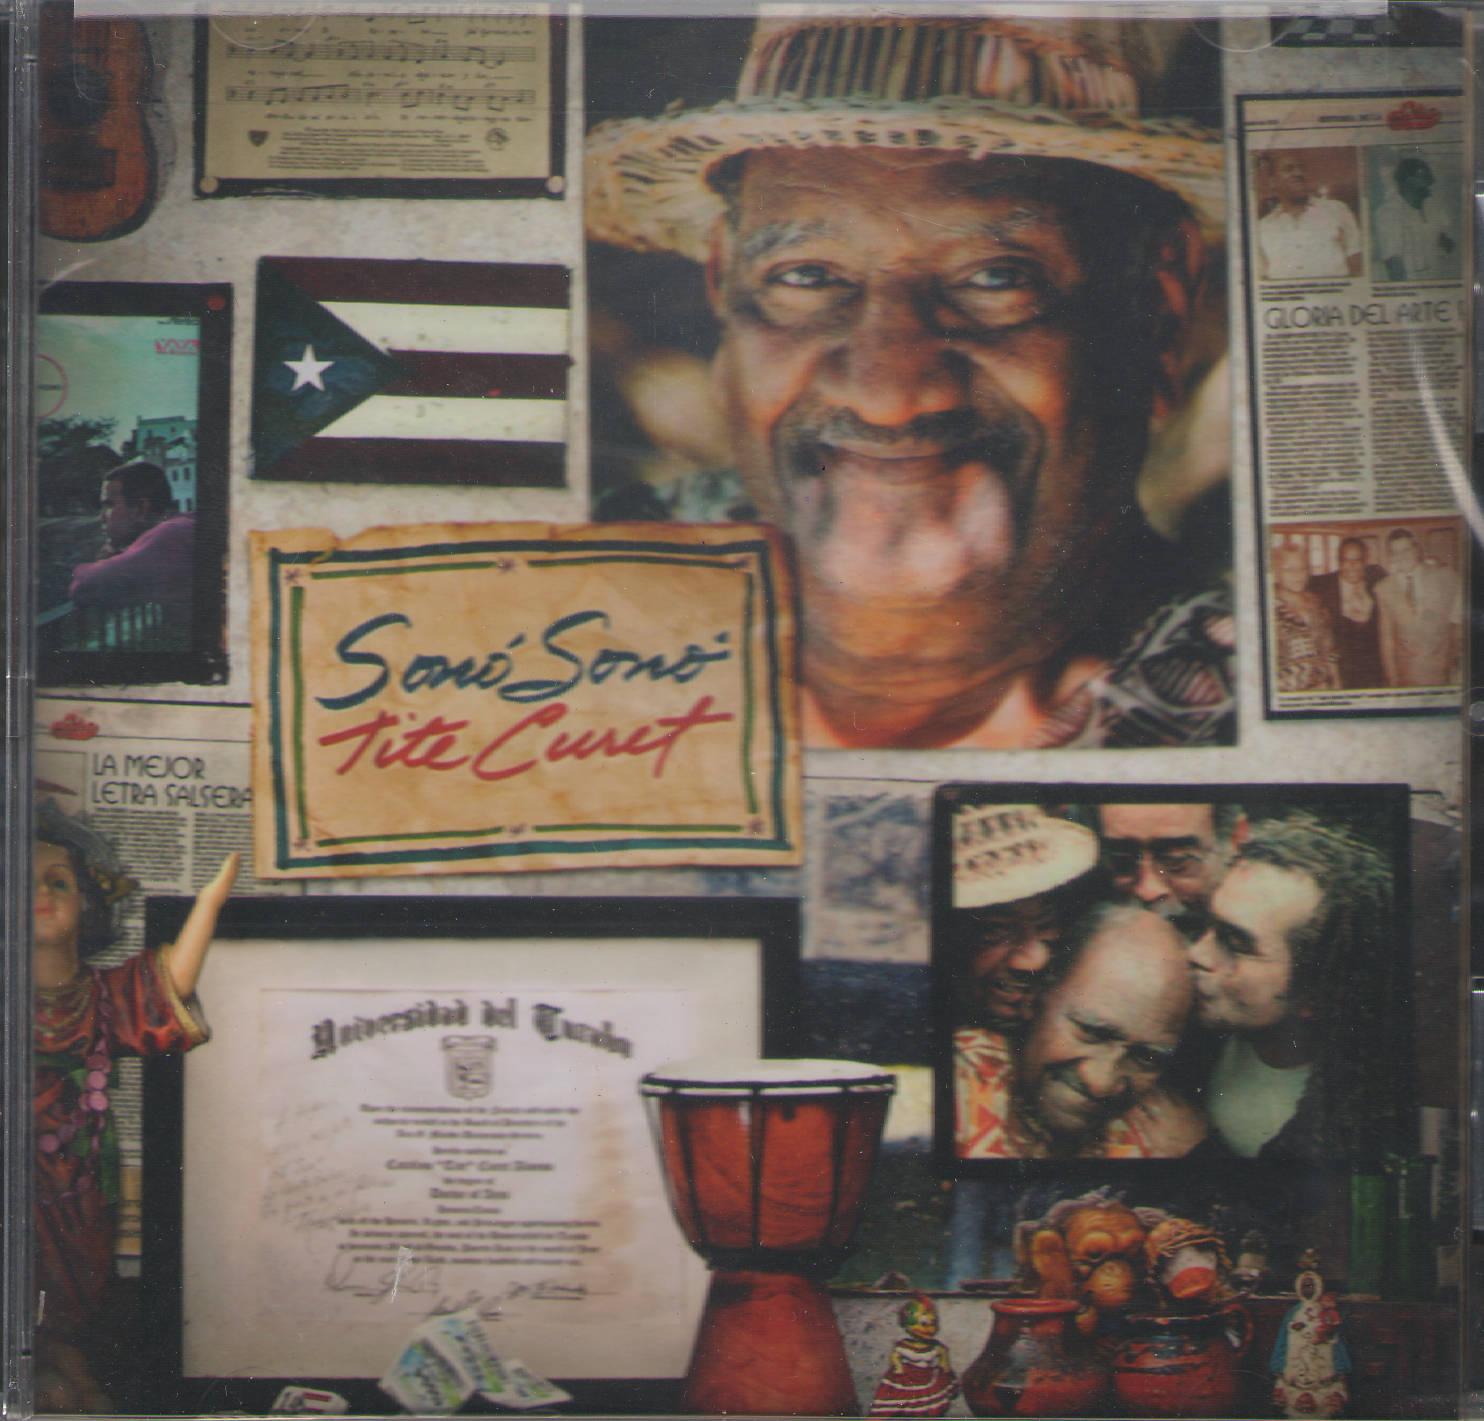 """La aportación musical de José Lugo en """"Sono sonó Tite Curet"""" es memorable. (Archivo Fundación Nacional para la Cultura Popular)"""